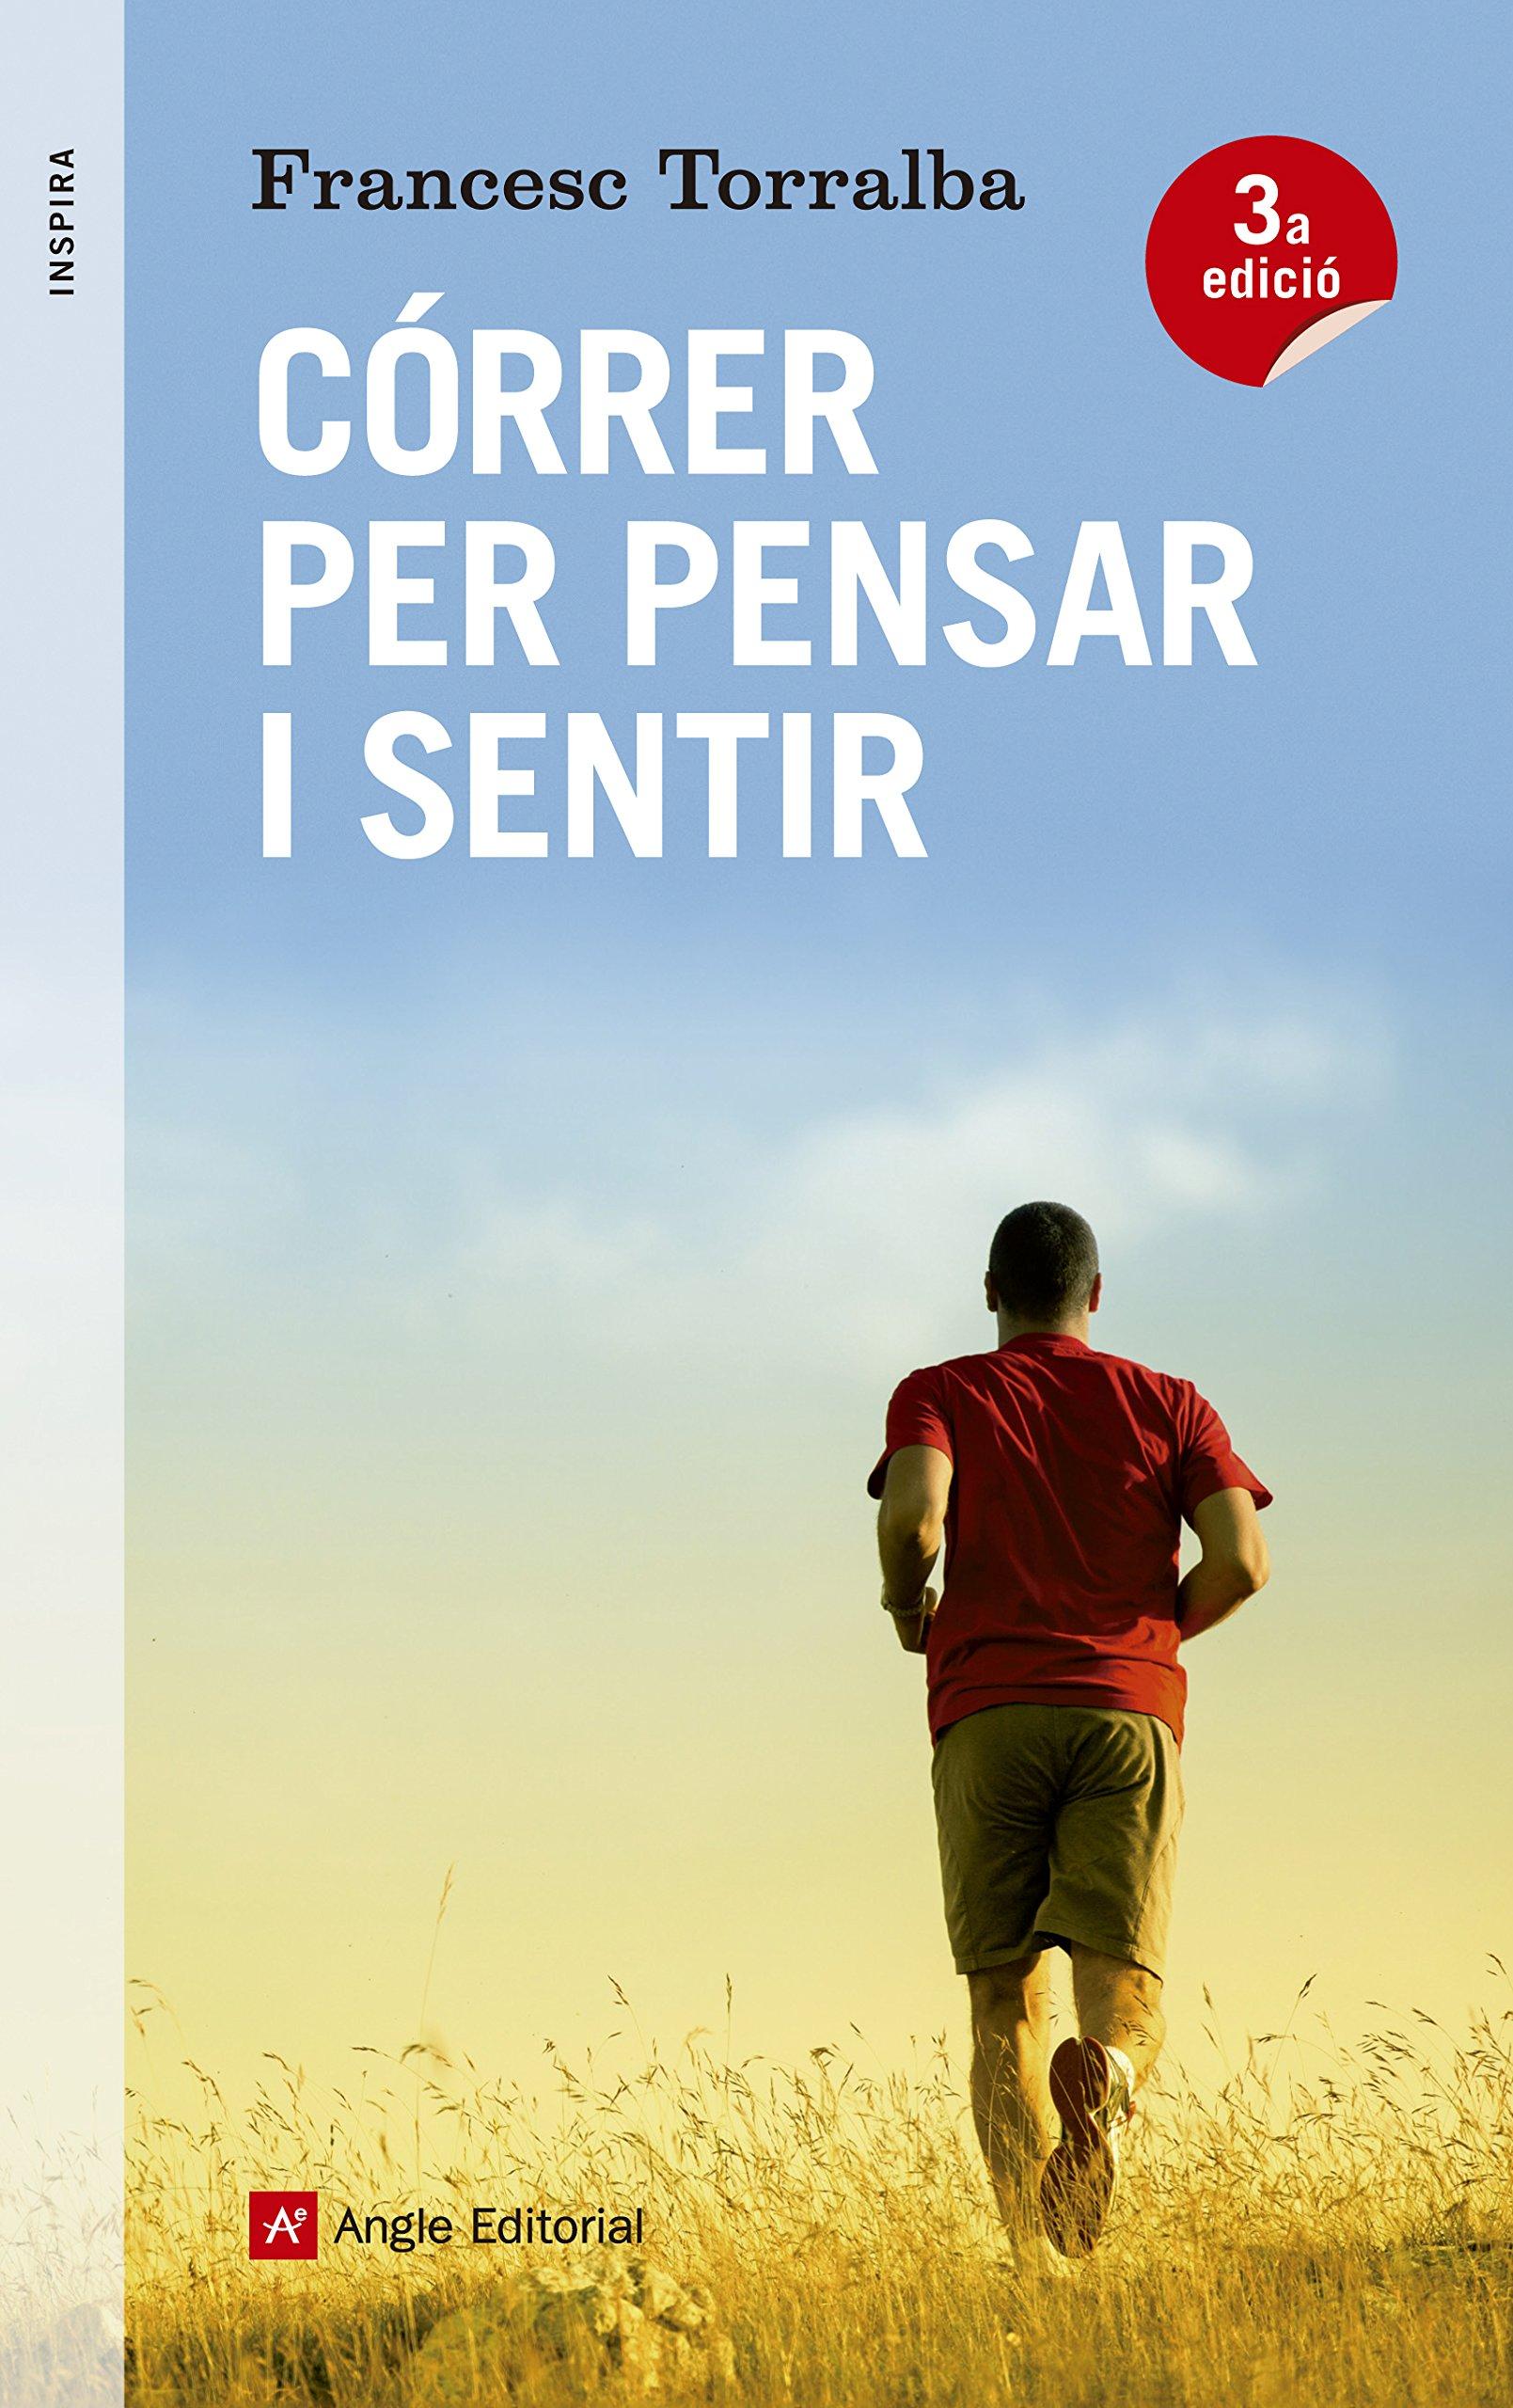 Read Online (CAT).49.CORRER PER PENSAR I SENTIR.(INSPIRA) PDF ePub book